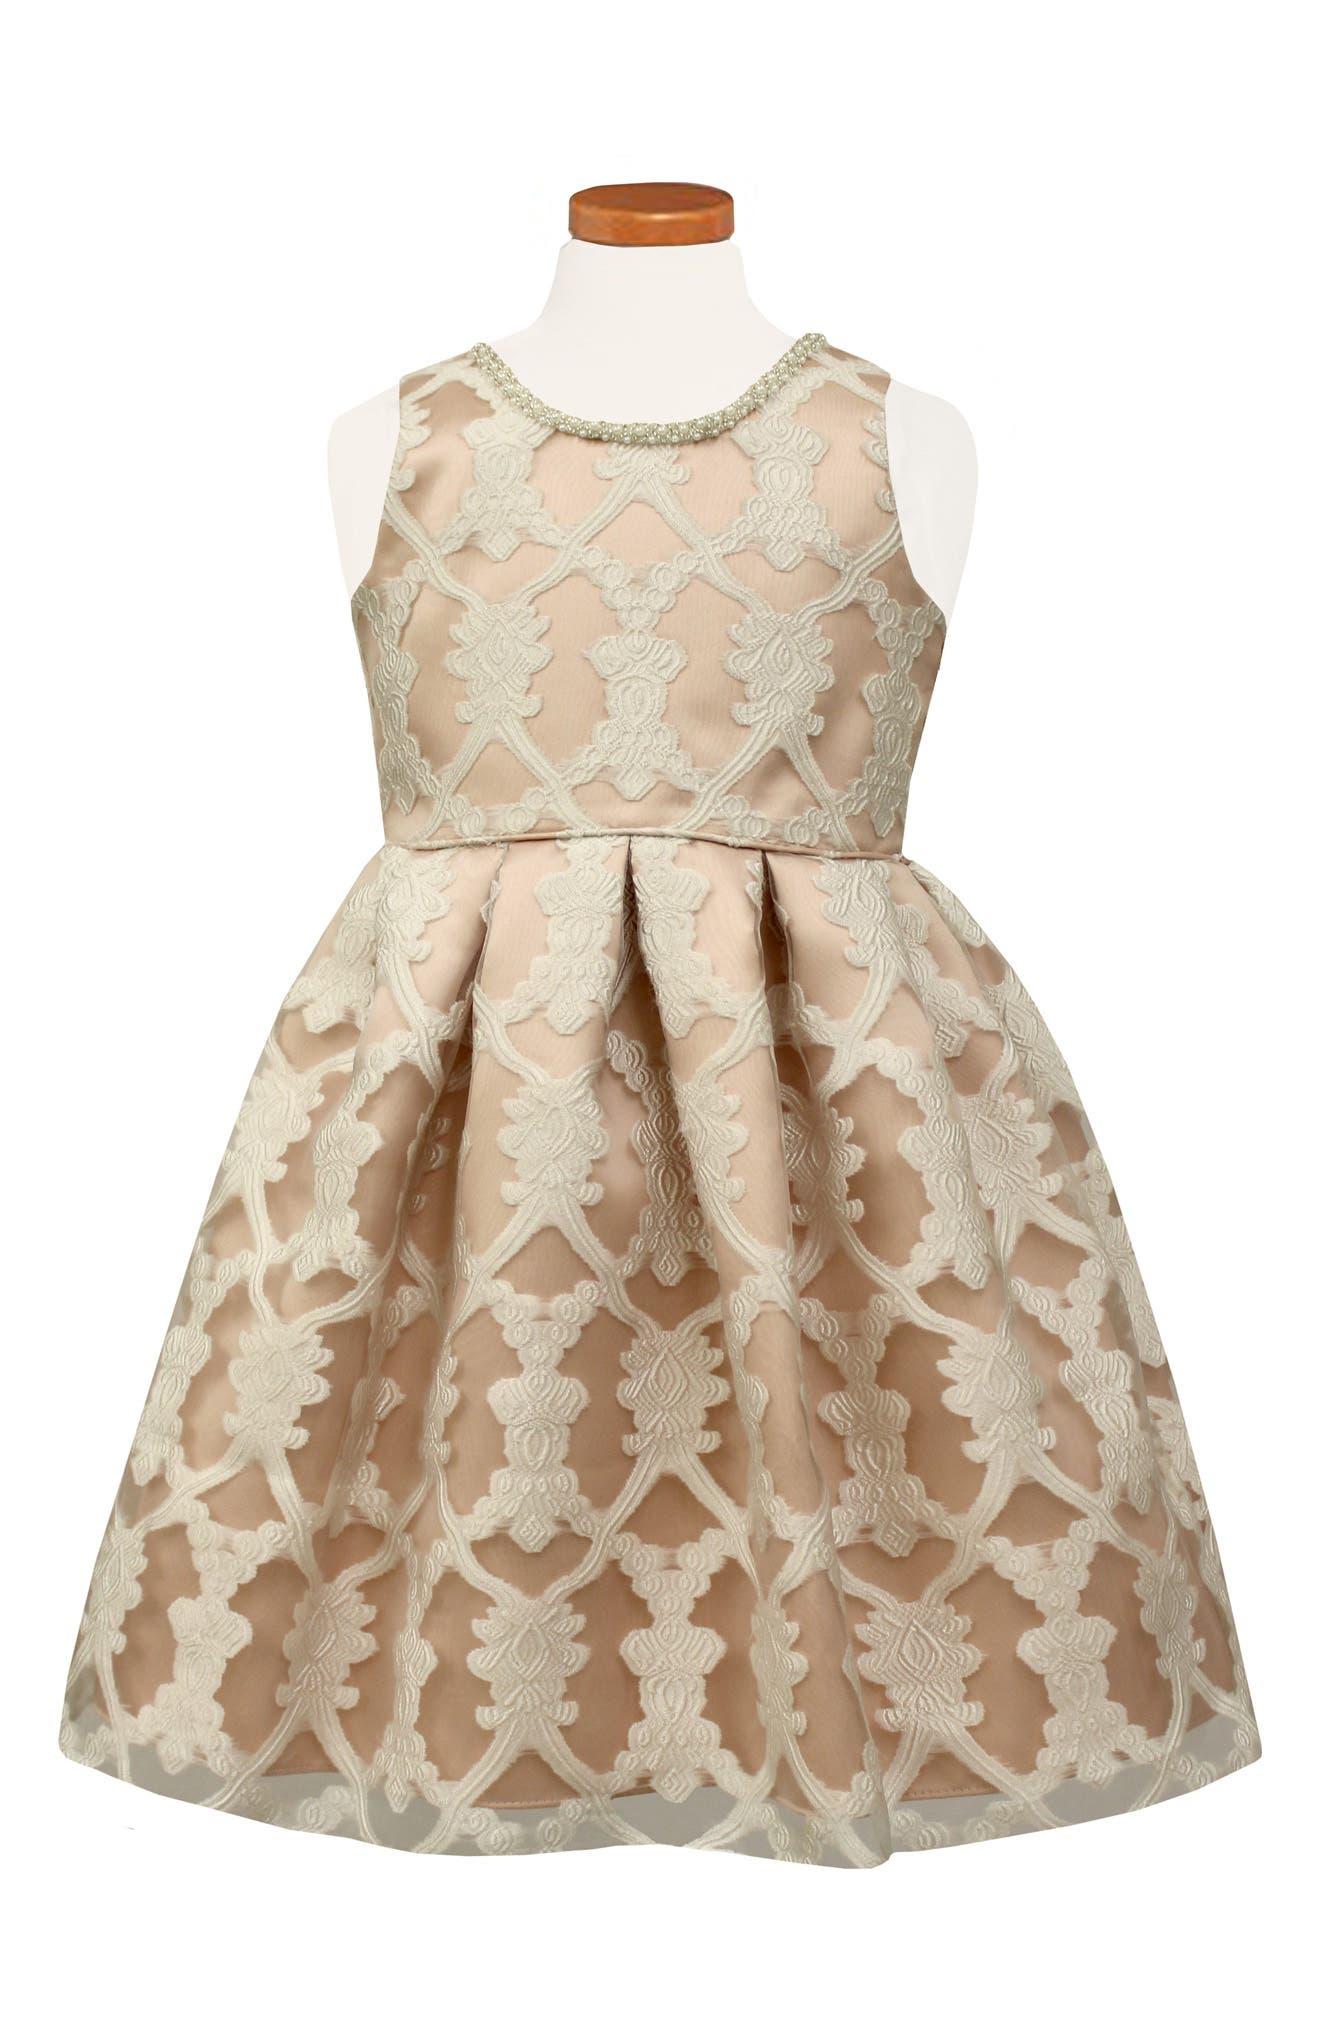 SORBET Burnout Lace Party Dress, Main, color, 660